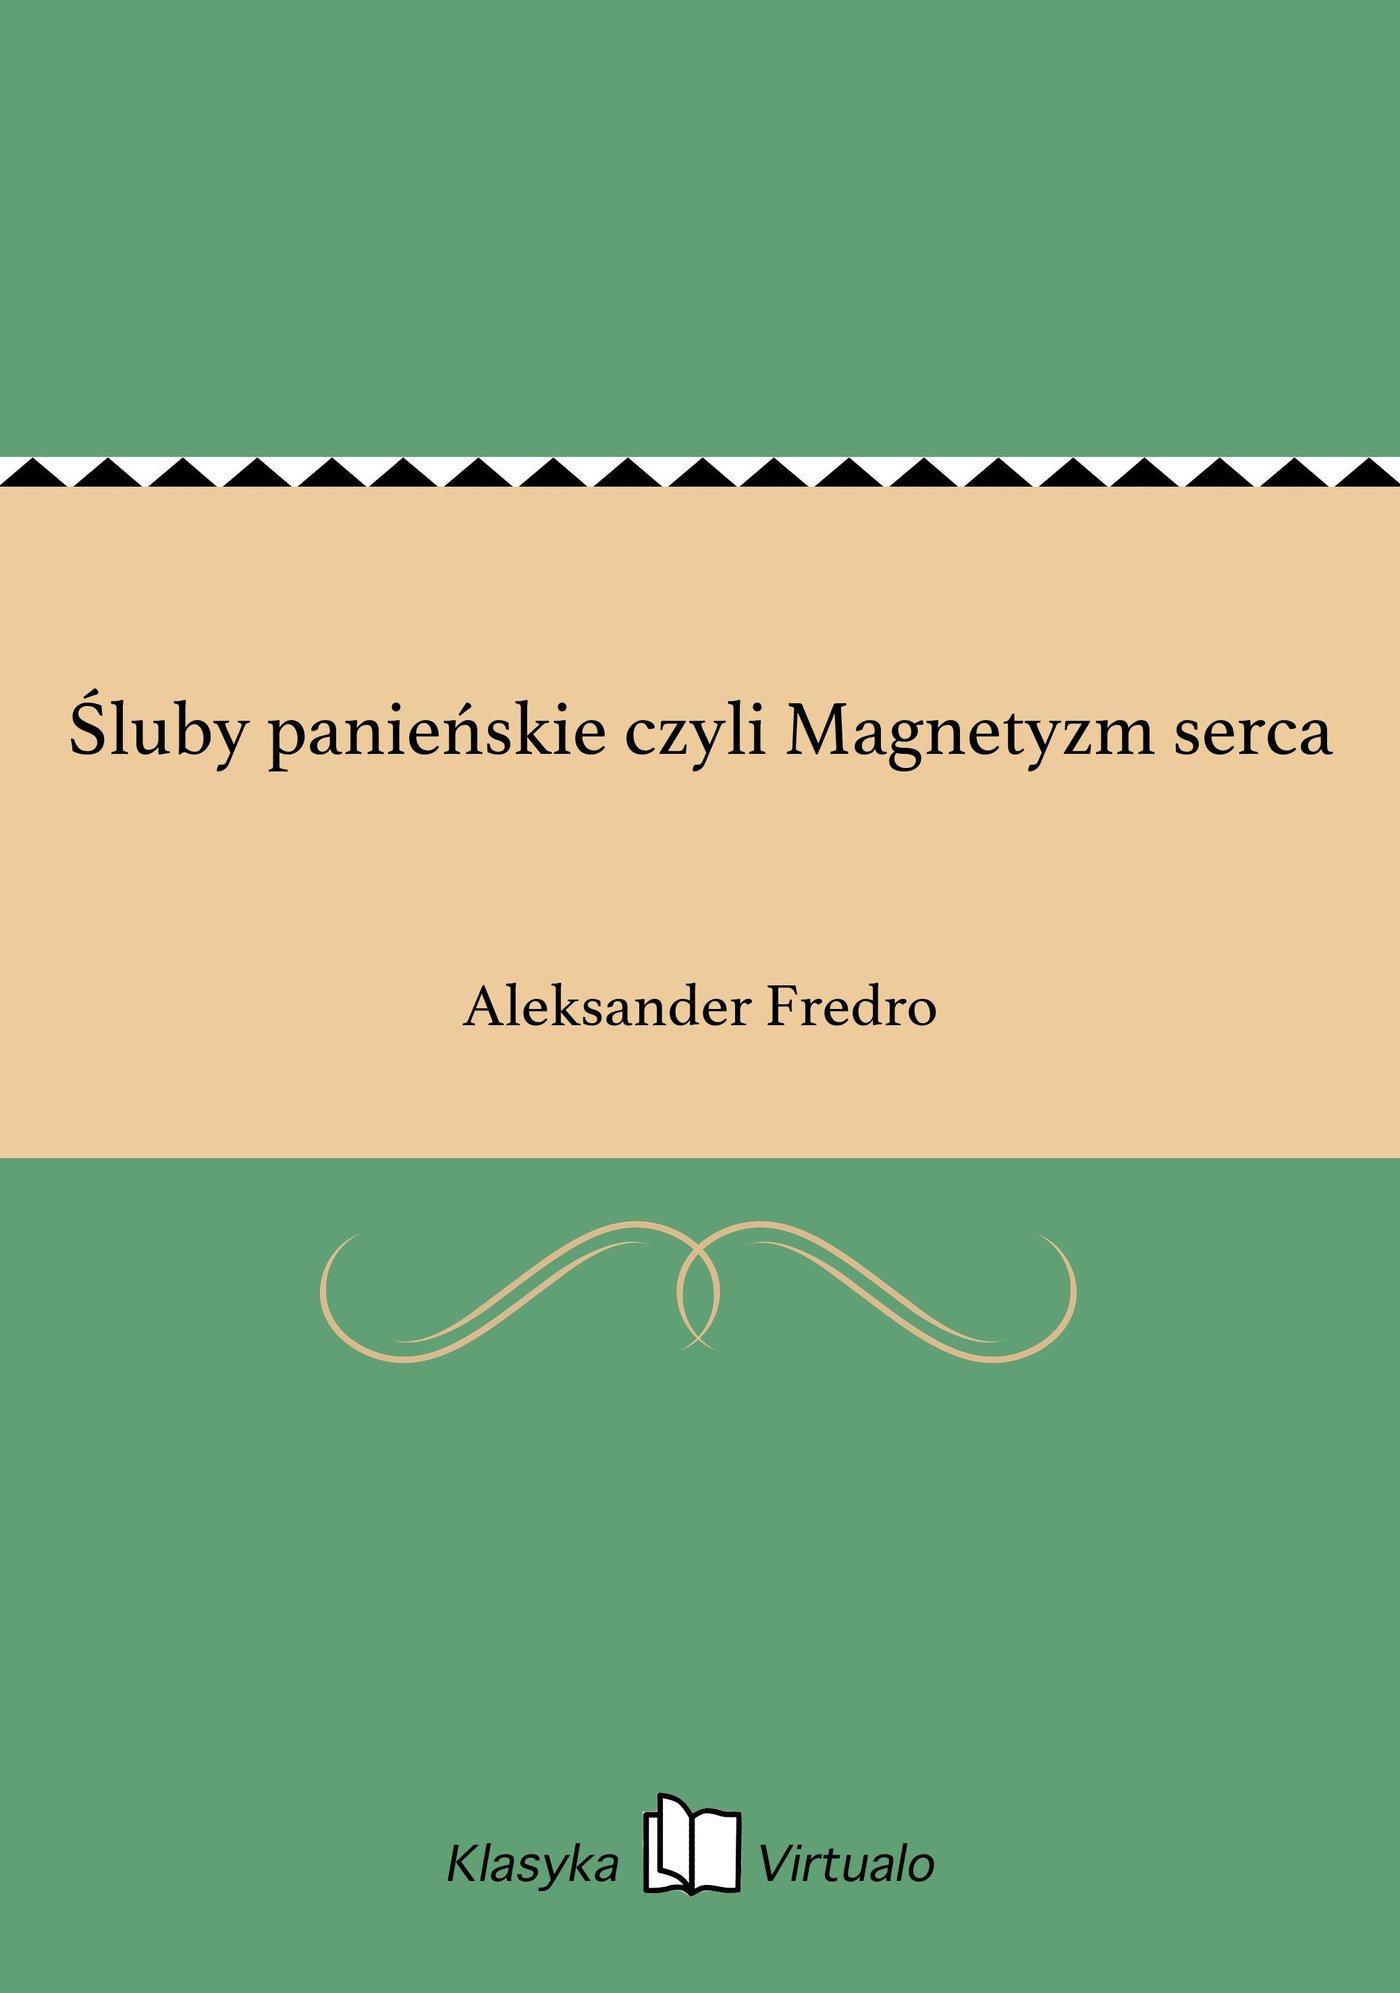 Śluby panieńskie czyli Magnetyzm serca - Ebook (Książka EPUB) do pobrania w formacie EPUB